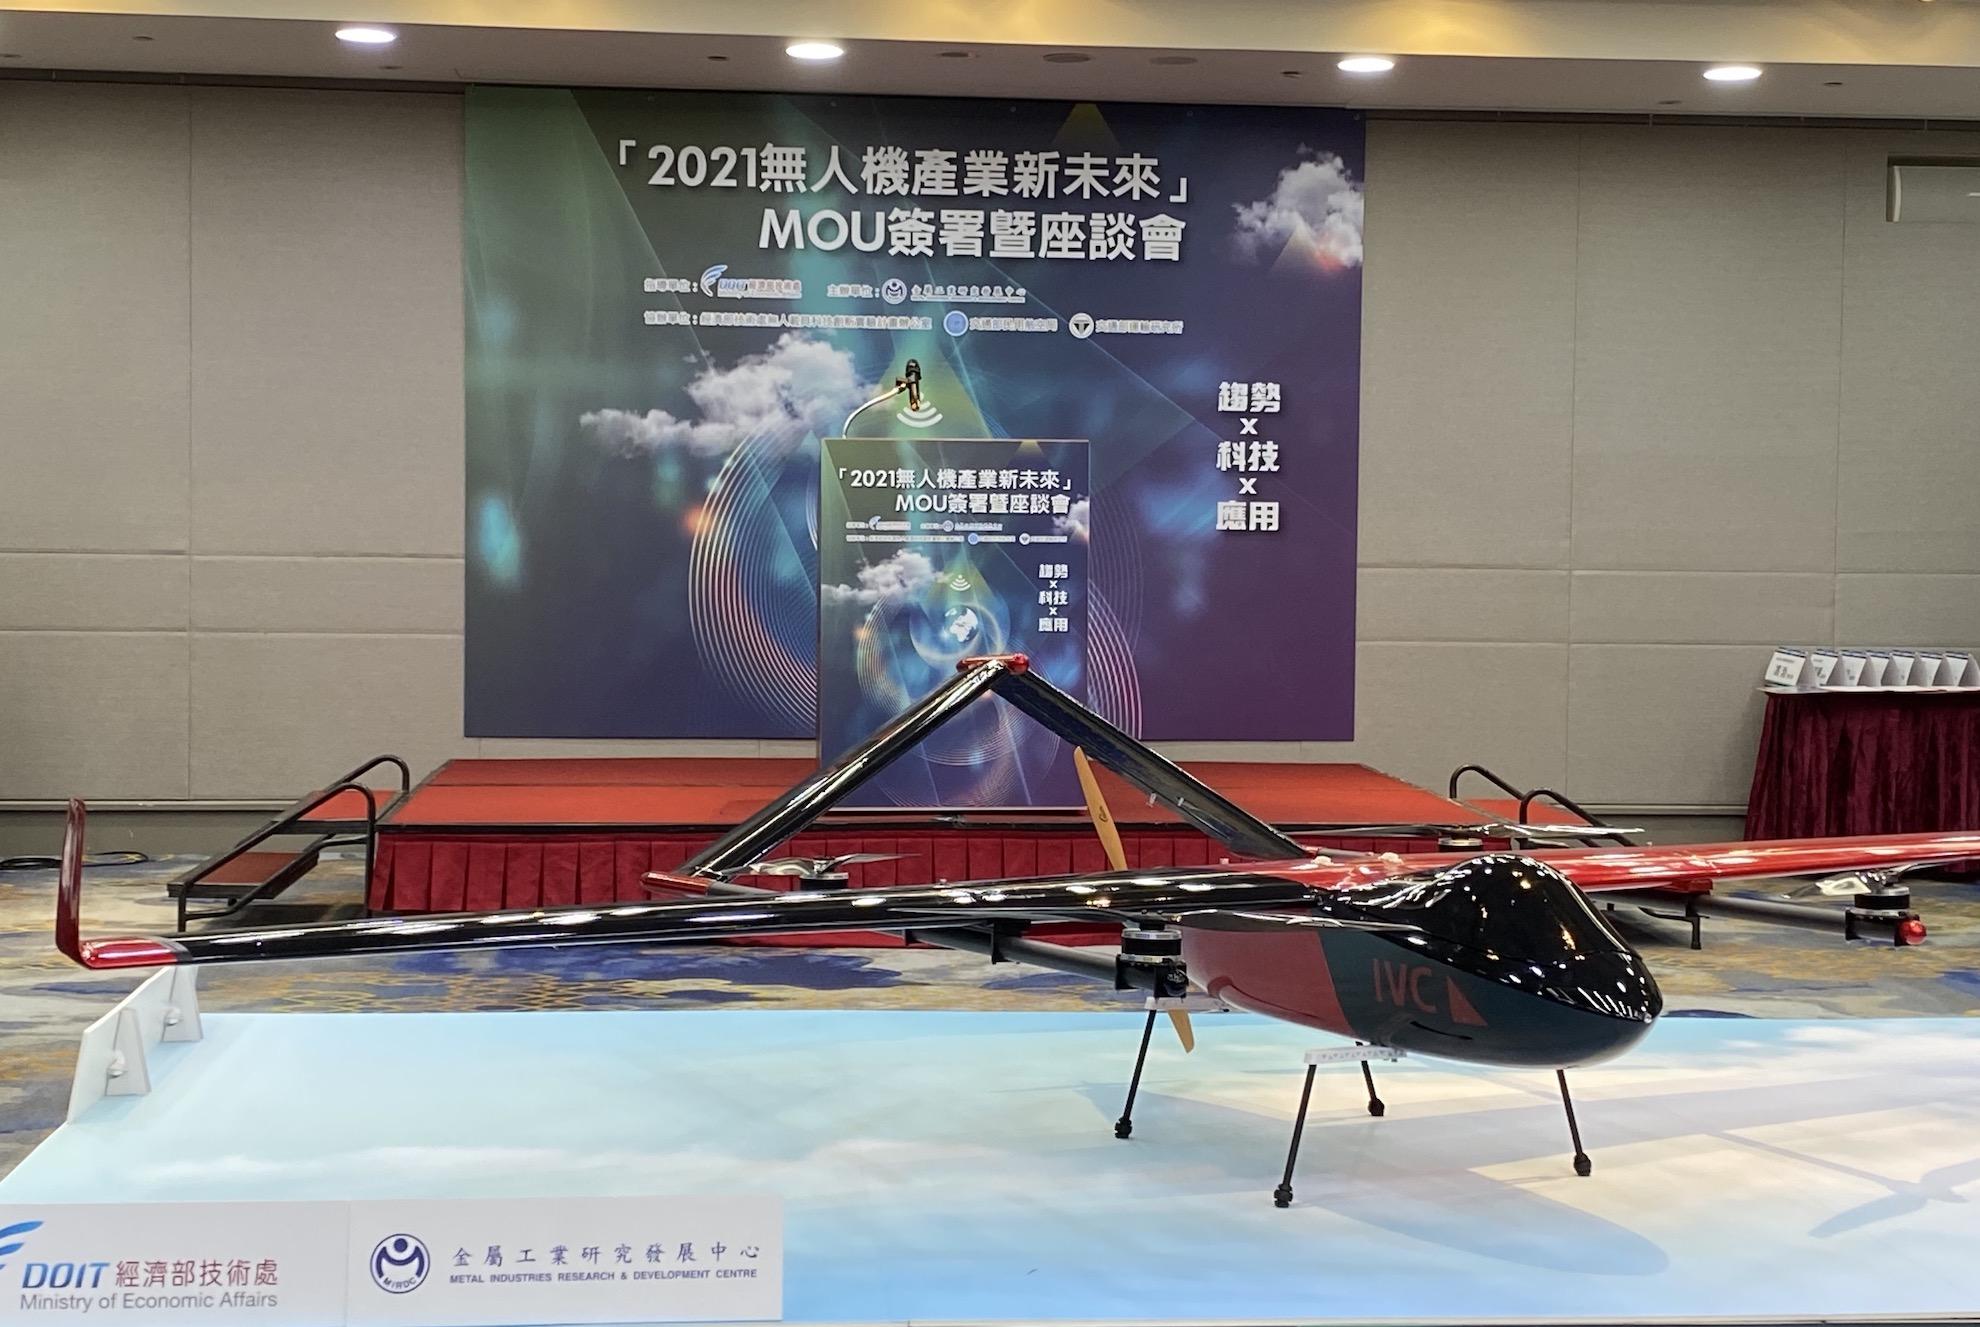 經濟部發表可抗 7 級風雨之無人機 提高探勘魚群作業成本效益